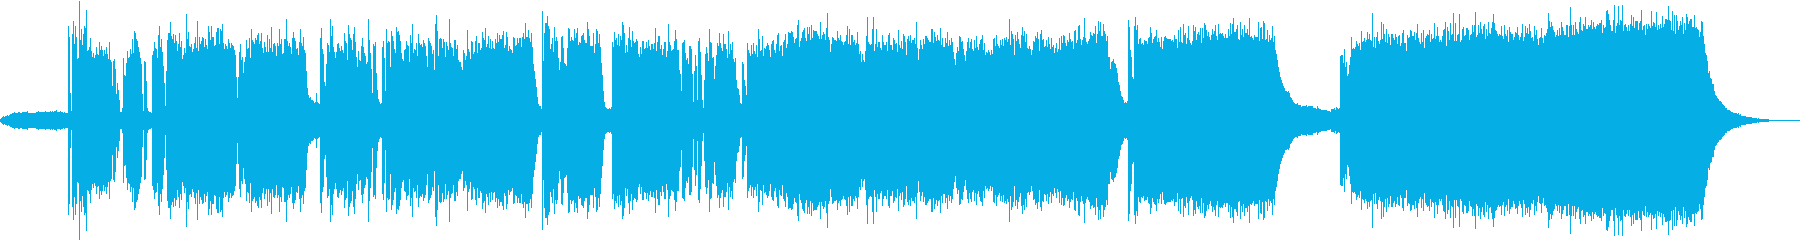 【生録音】ドリルの音 6 歯医者 工事の再生済みの波形